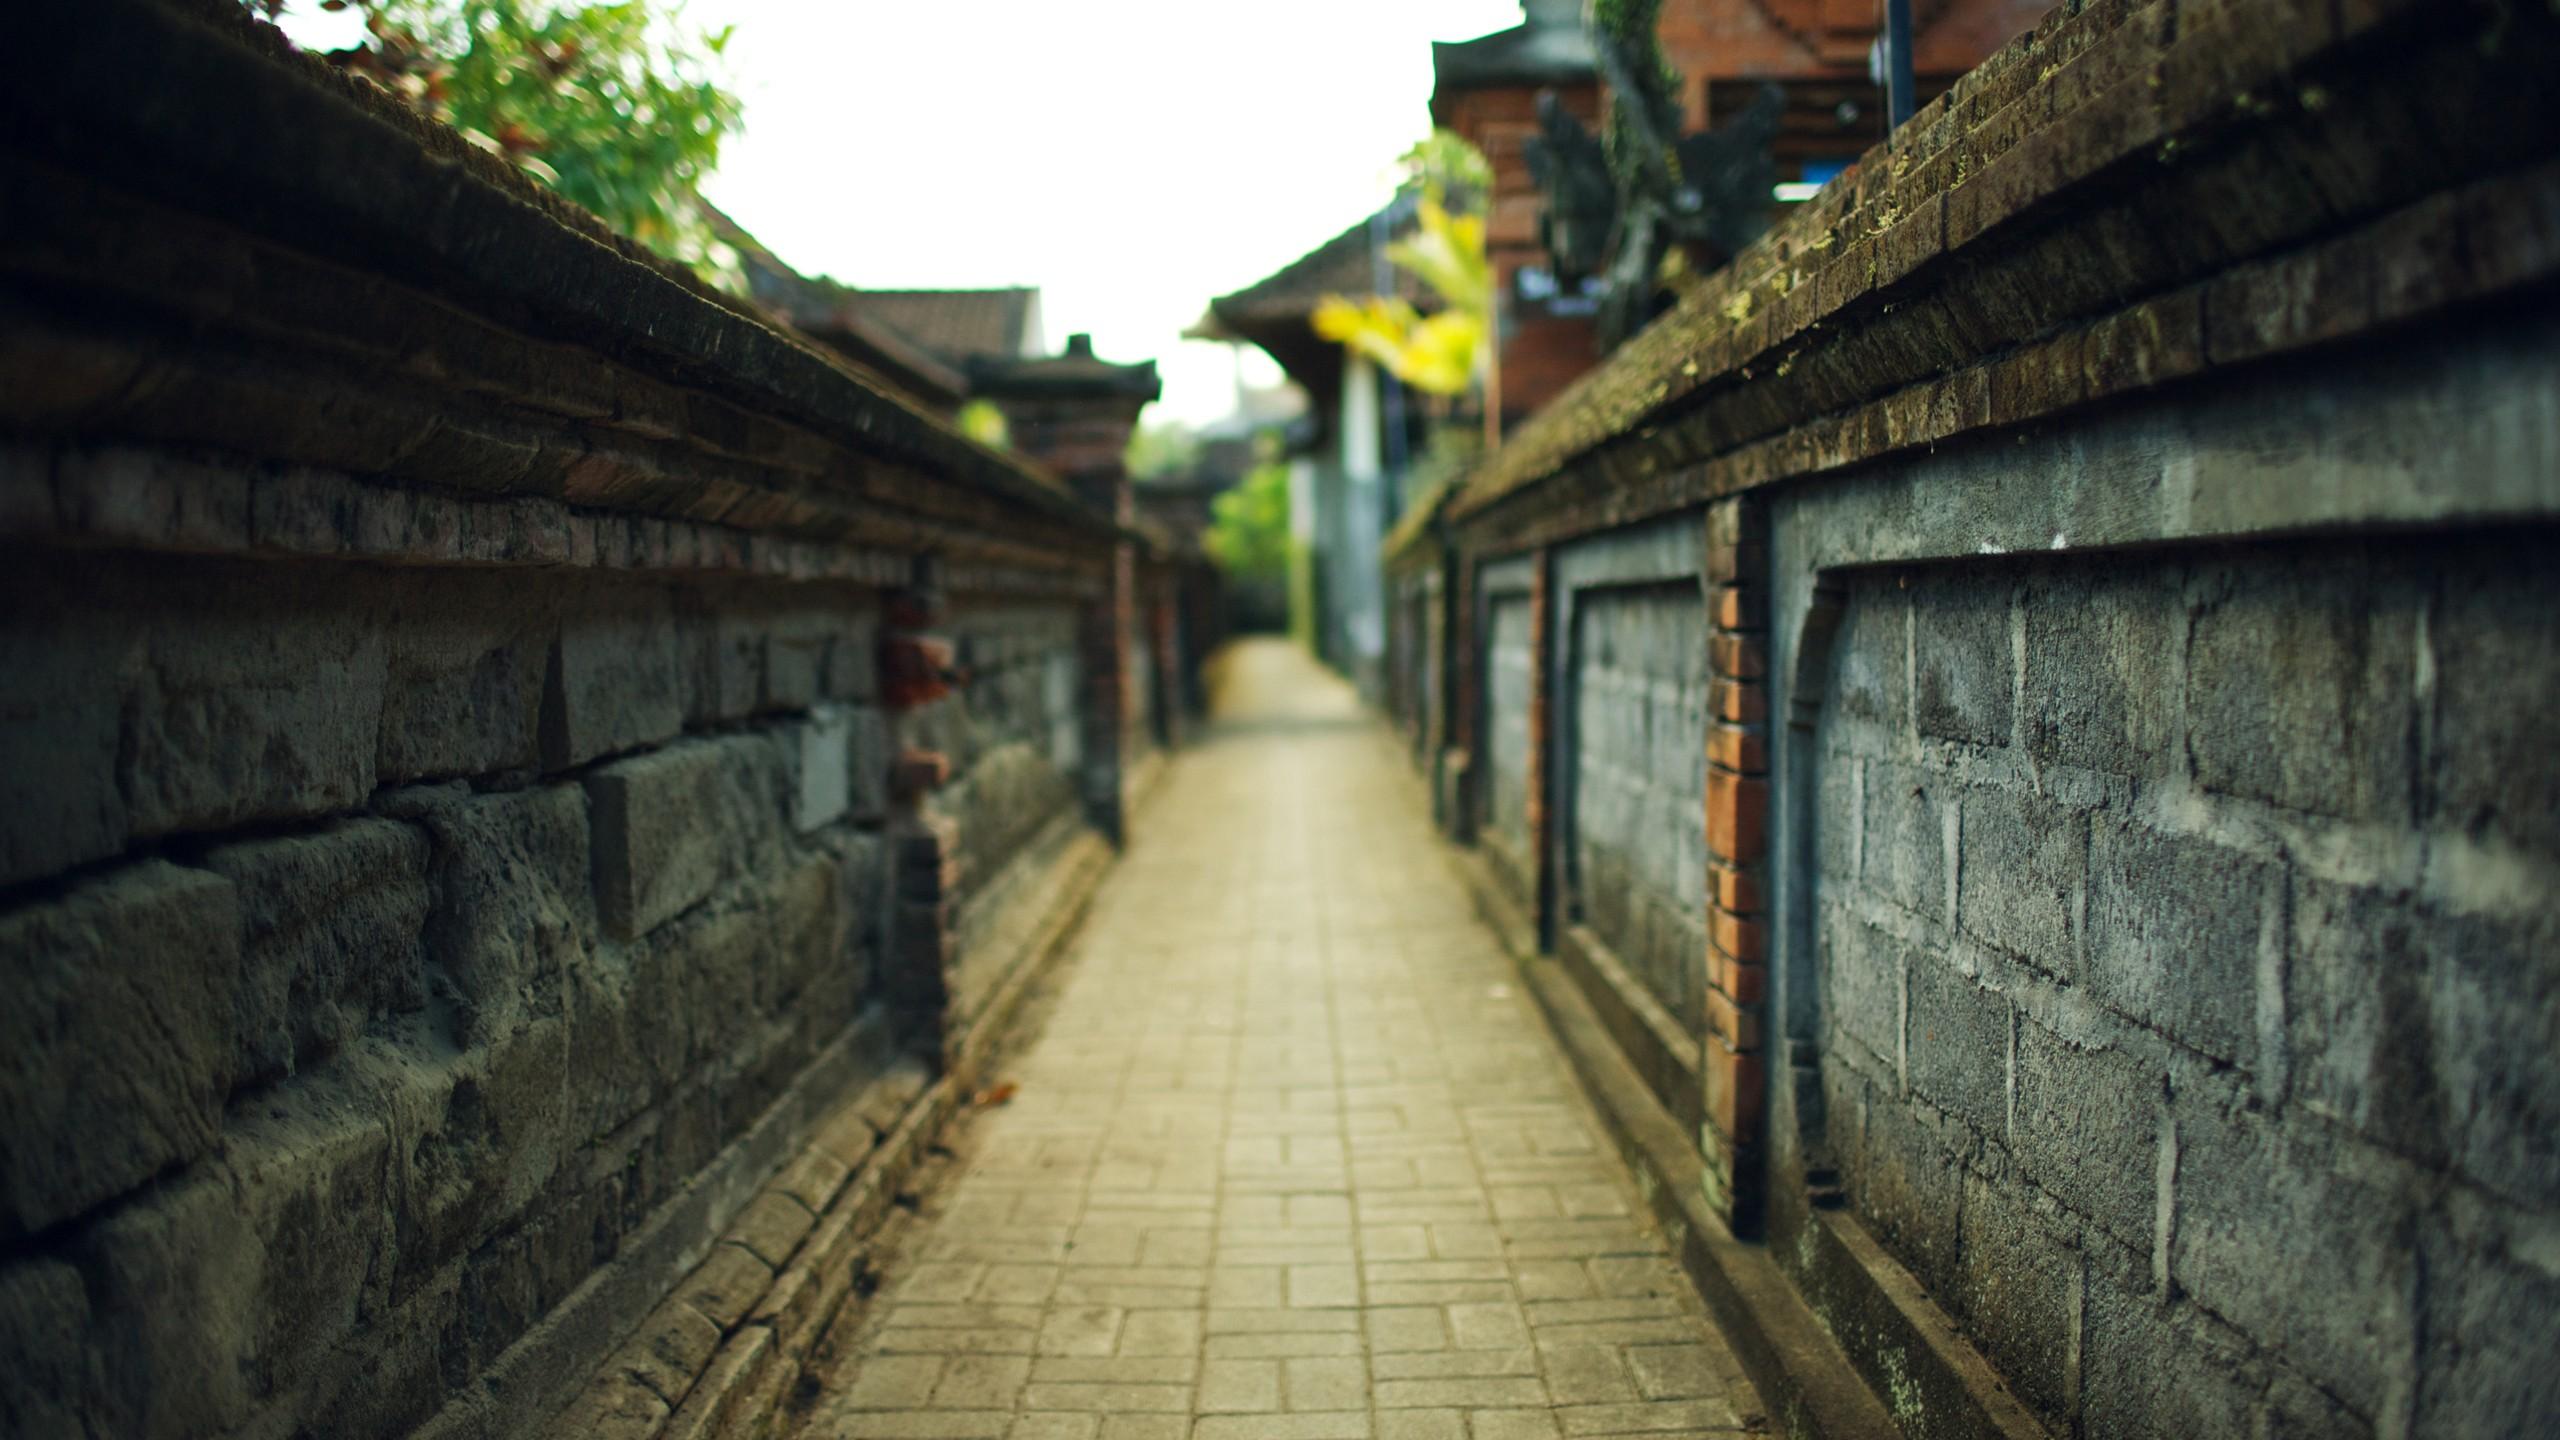 Street HD Wallpaper | Wide Screen Wallpaper 1080p,2K,4K